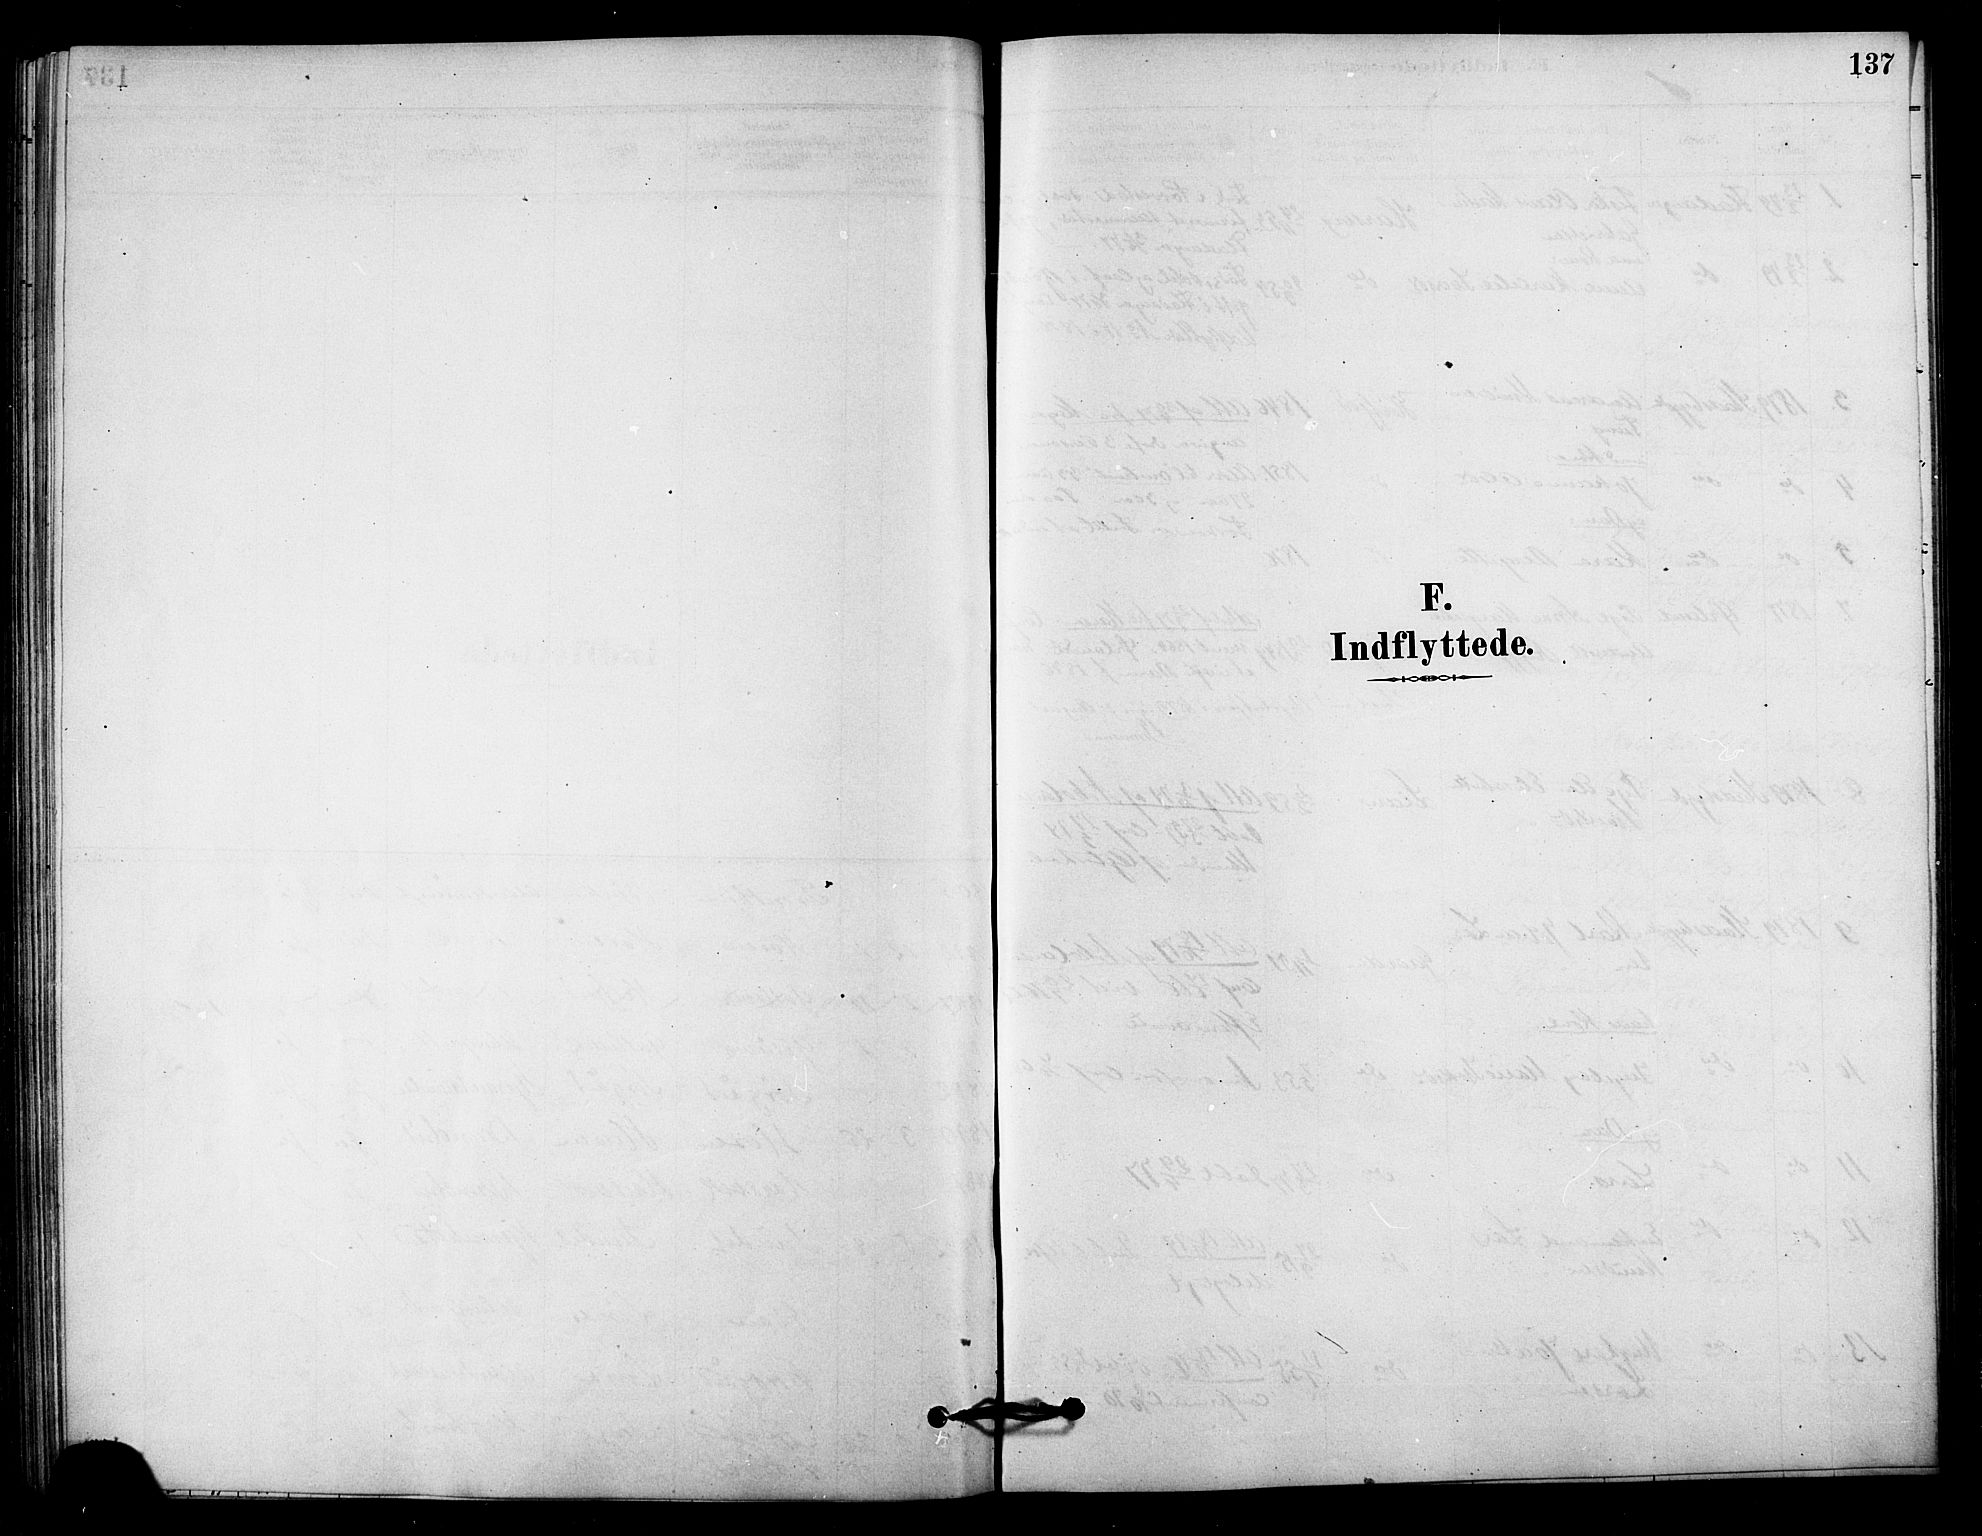 SAT, Ministerialprotokoller, klokkerbøker og fødselsregistre - Sør-Trøndelag, 656/L0692: Ministerialbok nr. 656A01, 1879-1893, s. 137